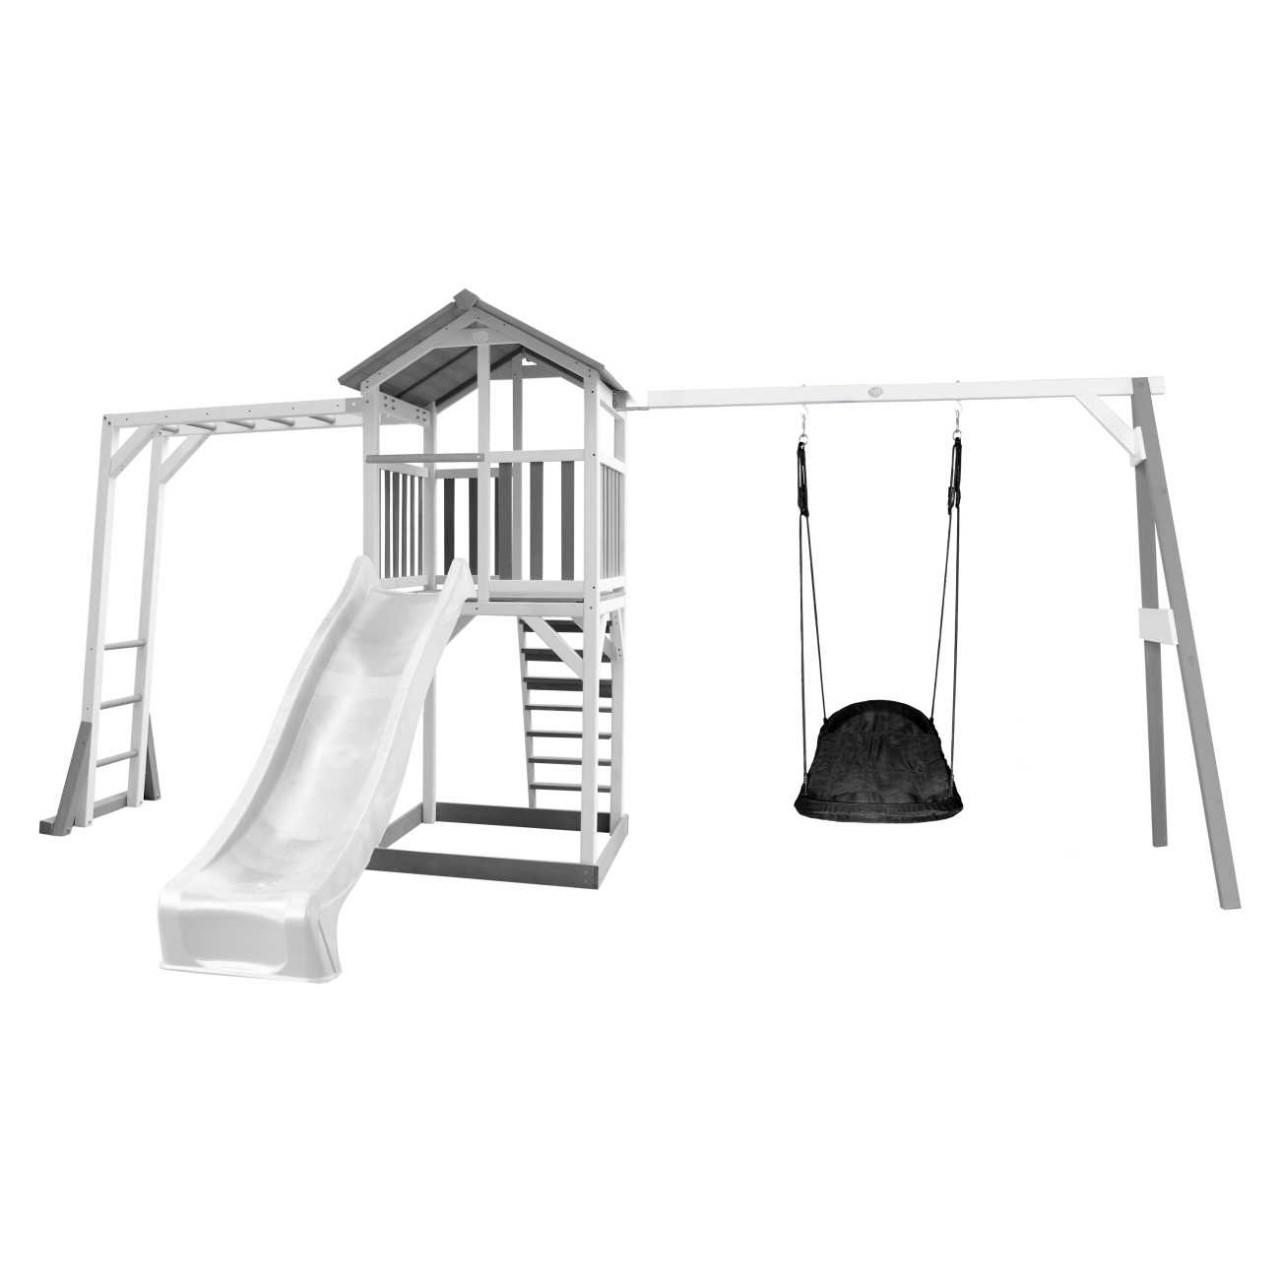 Spielturm Beach Tower mit Hangelleiter und Nestschaukel Grandoh